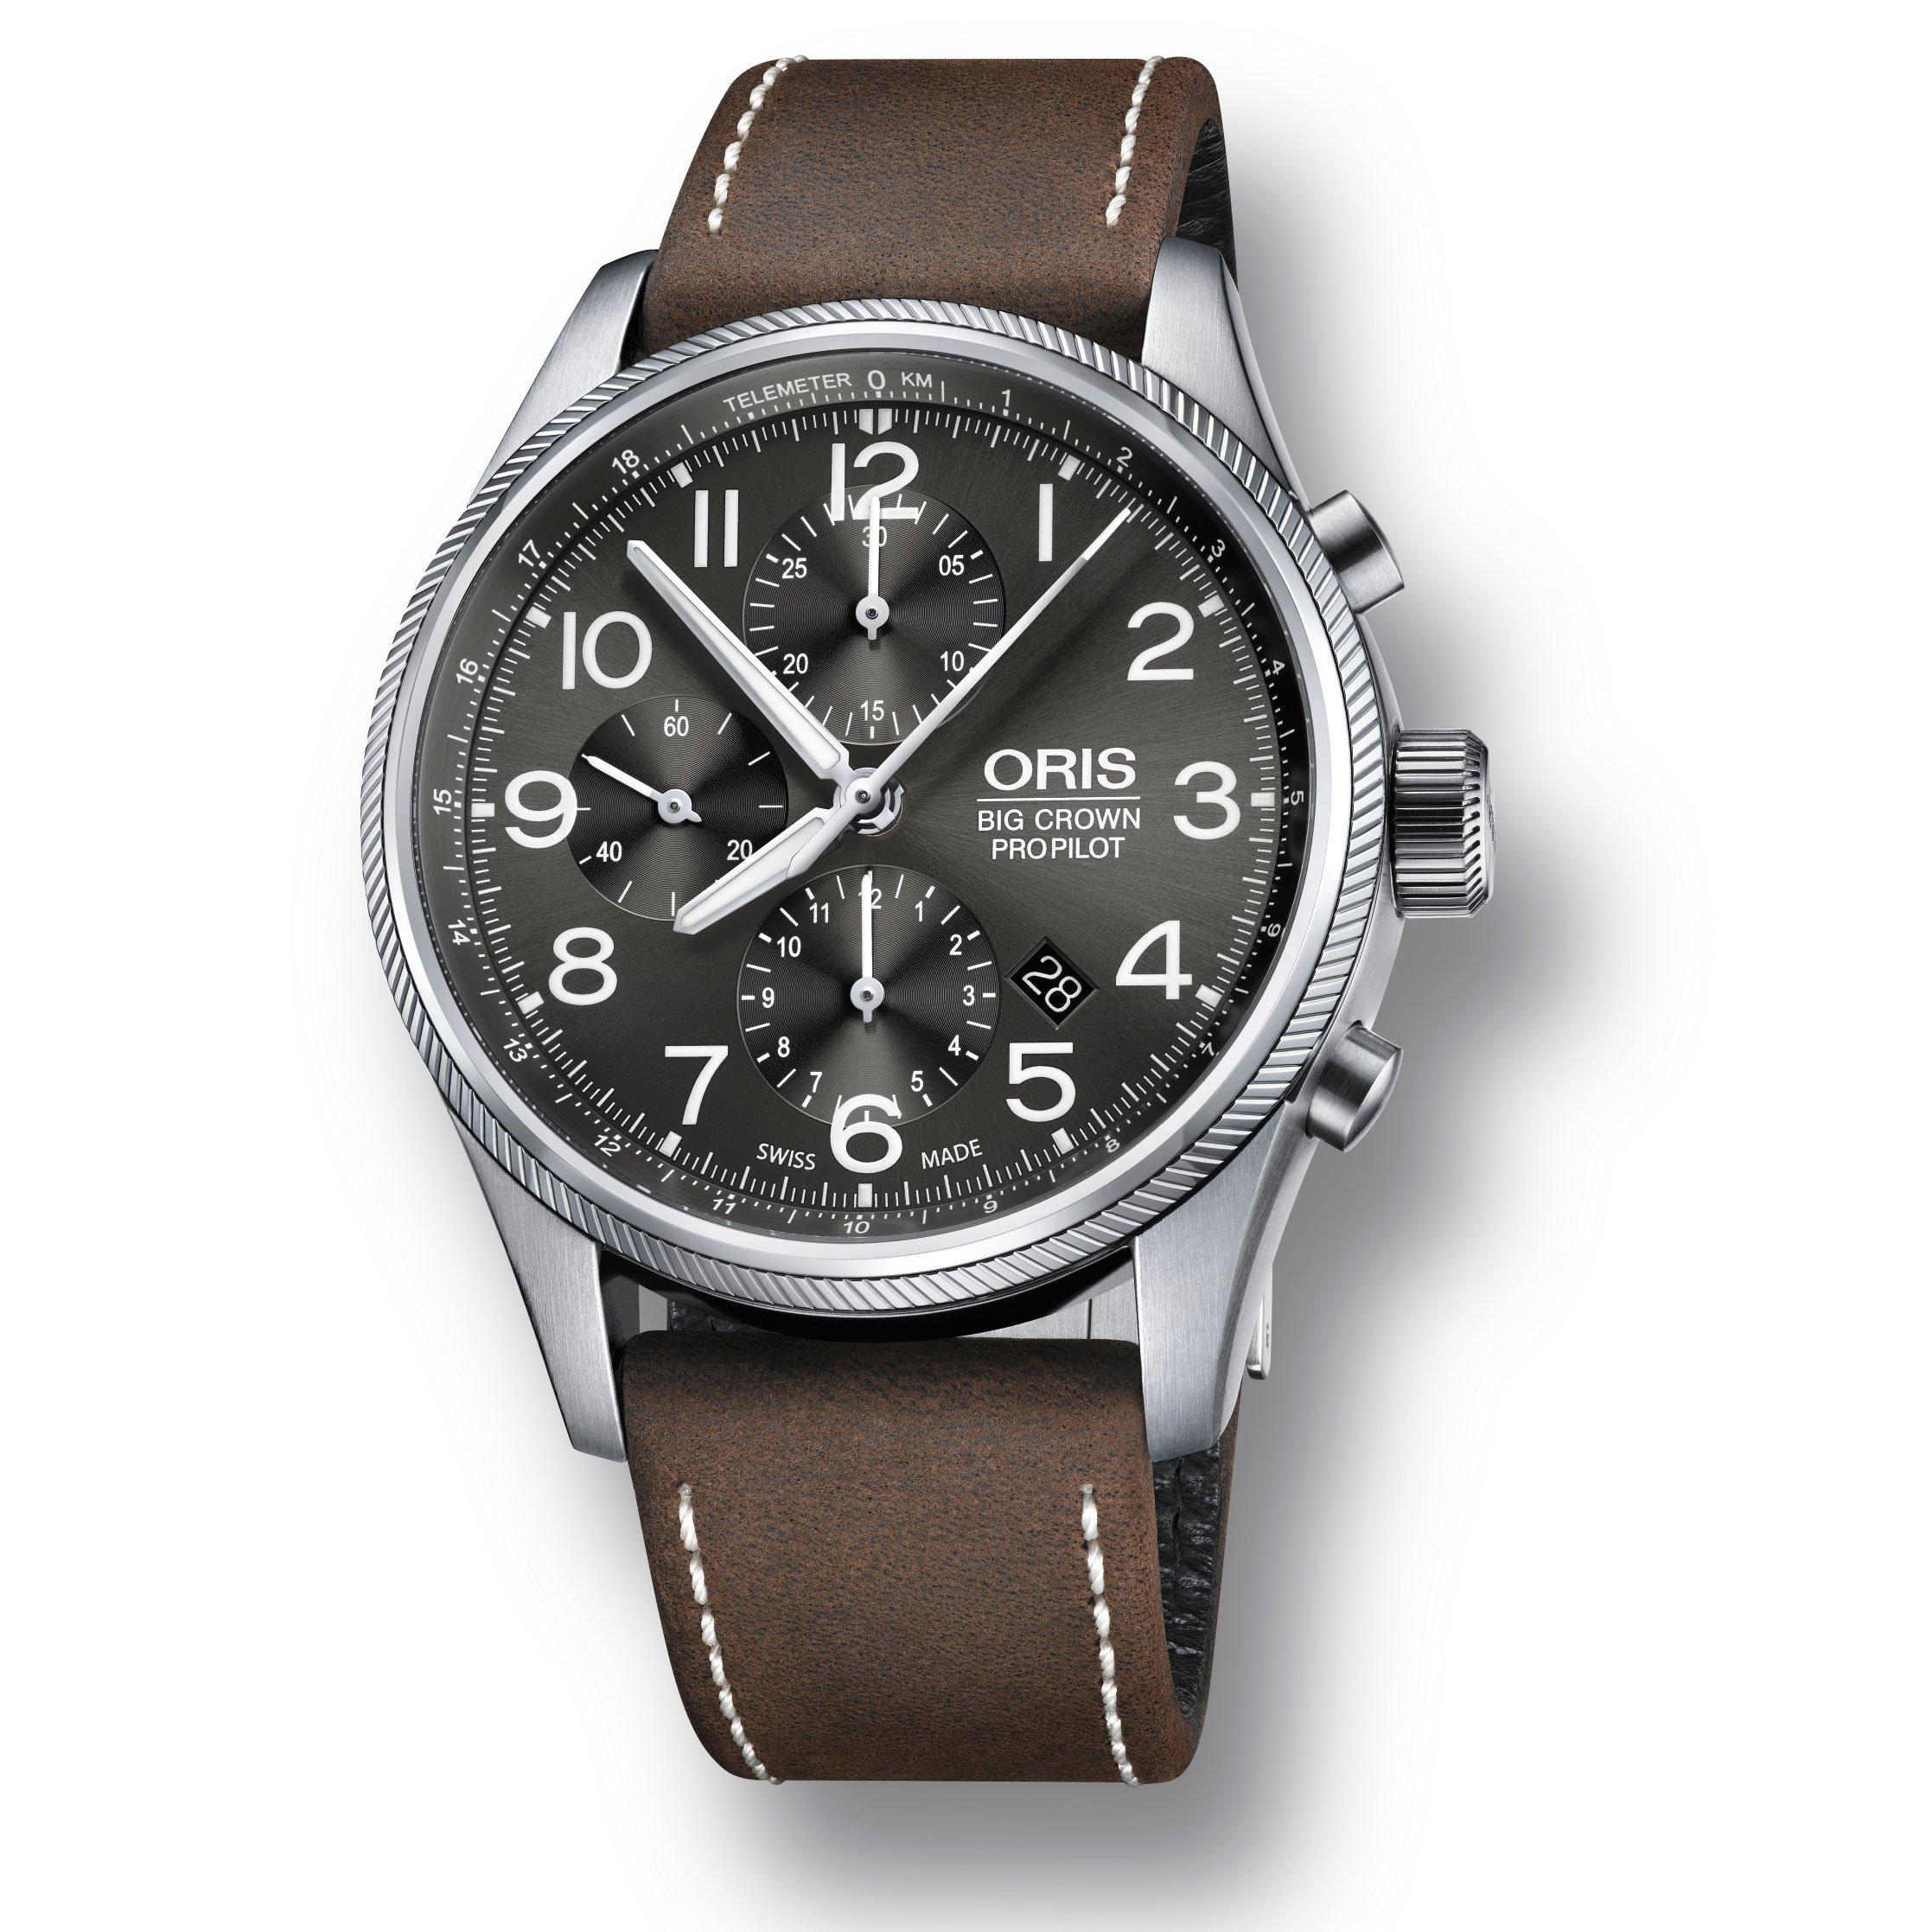 Oris Big Crown Pro Pilot Automatic Chronograph Men's Watch